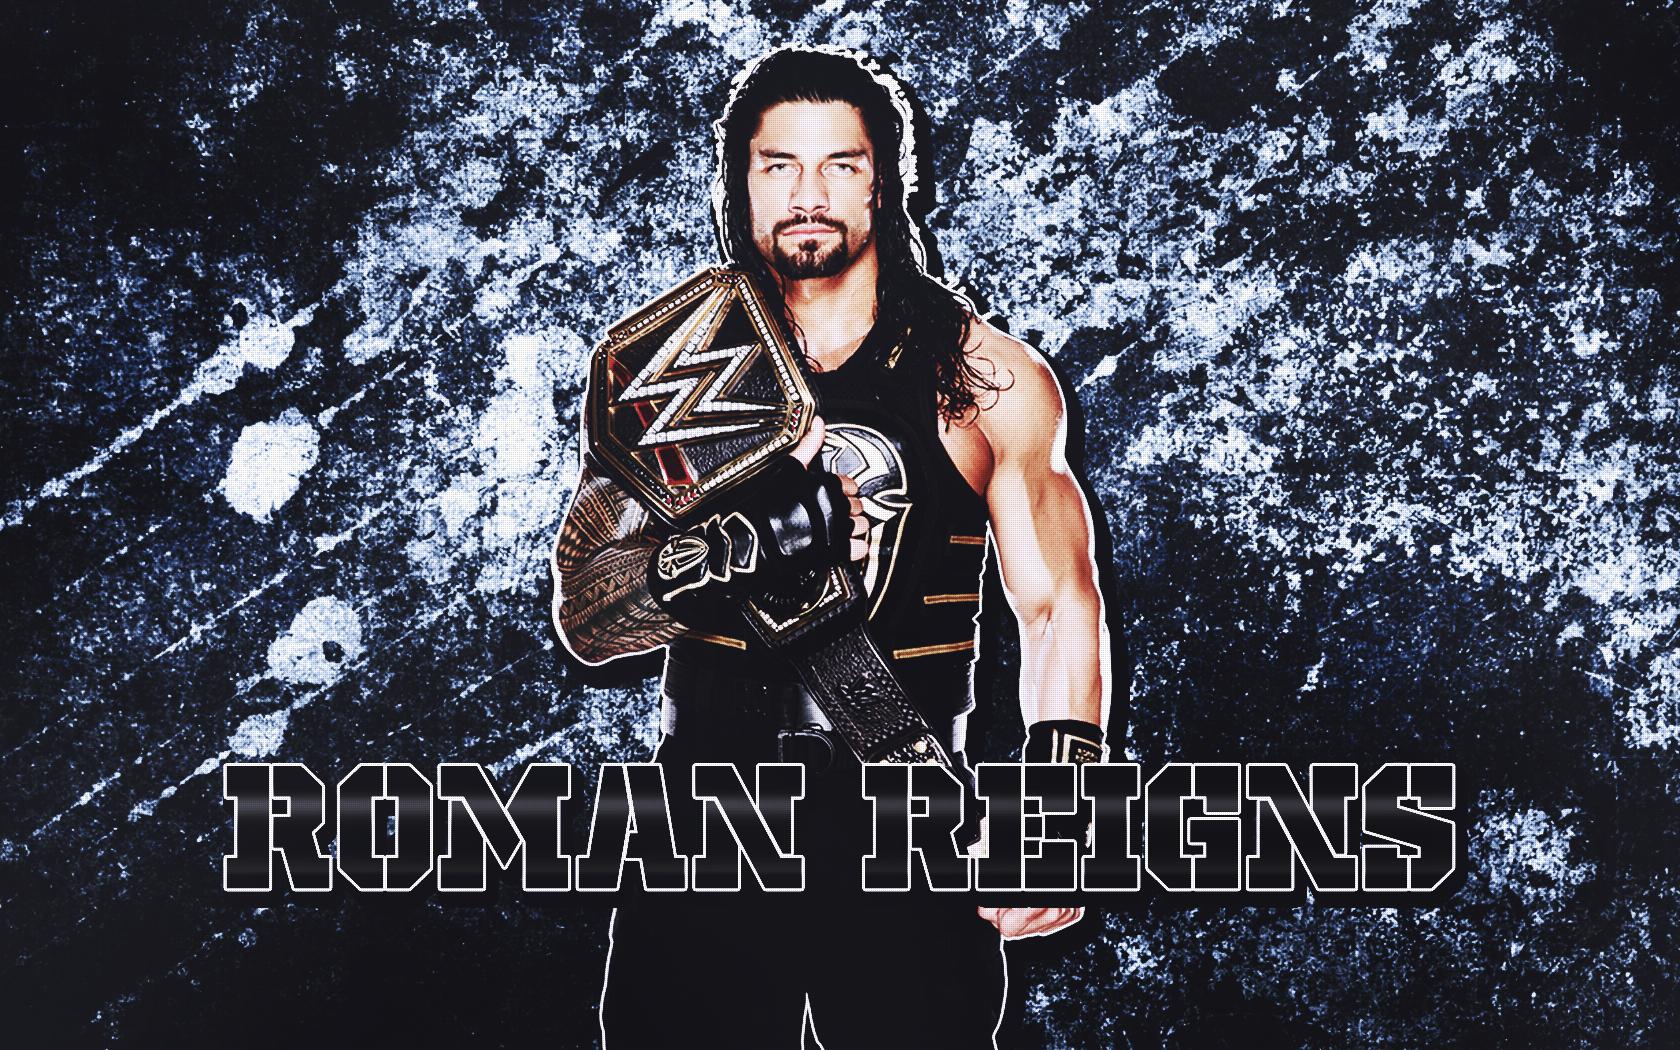 WWE Roman Reigns Wallpaper 2016 by LastBreathGFX